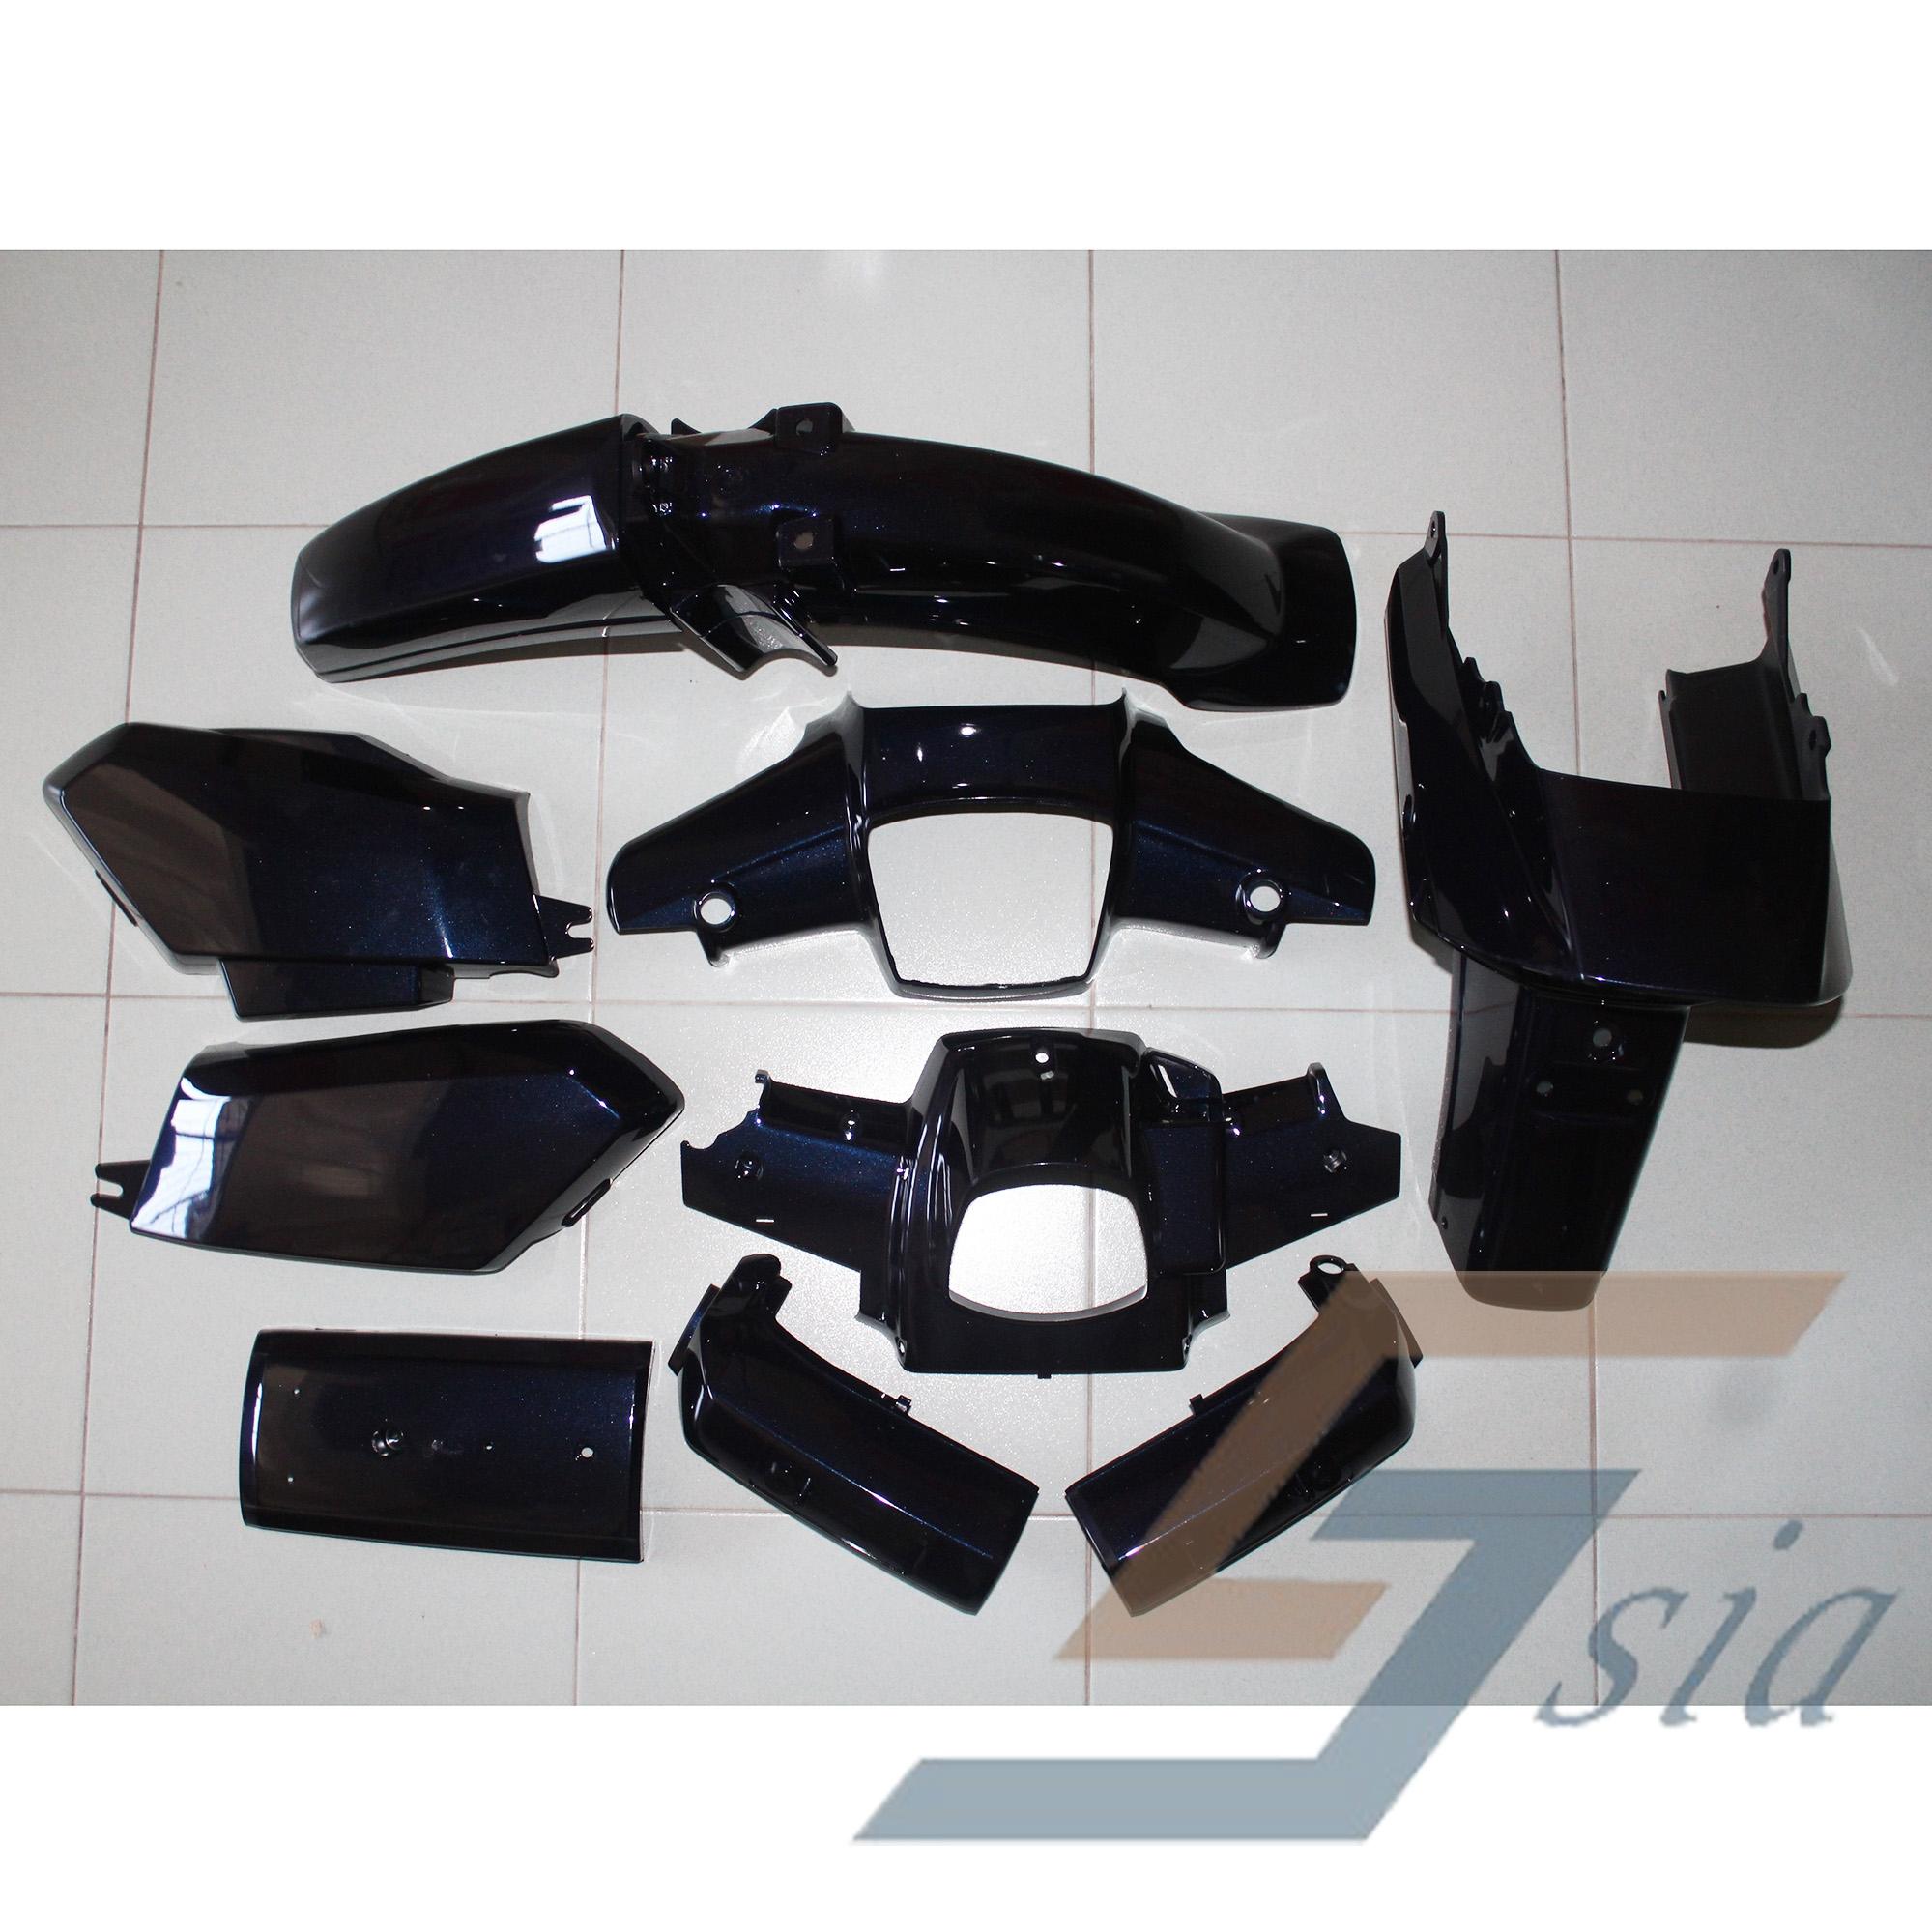 Honda EX5 Dream Body Cover Set Comp (end 6/14/2021 12:00 AM)